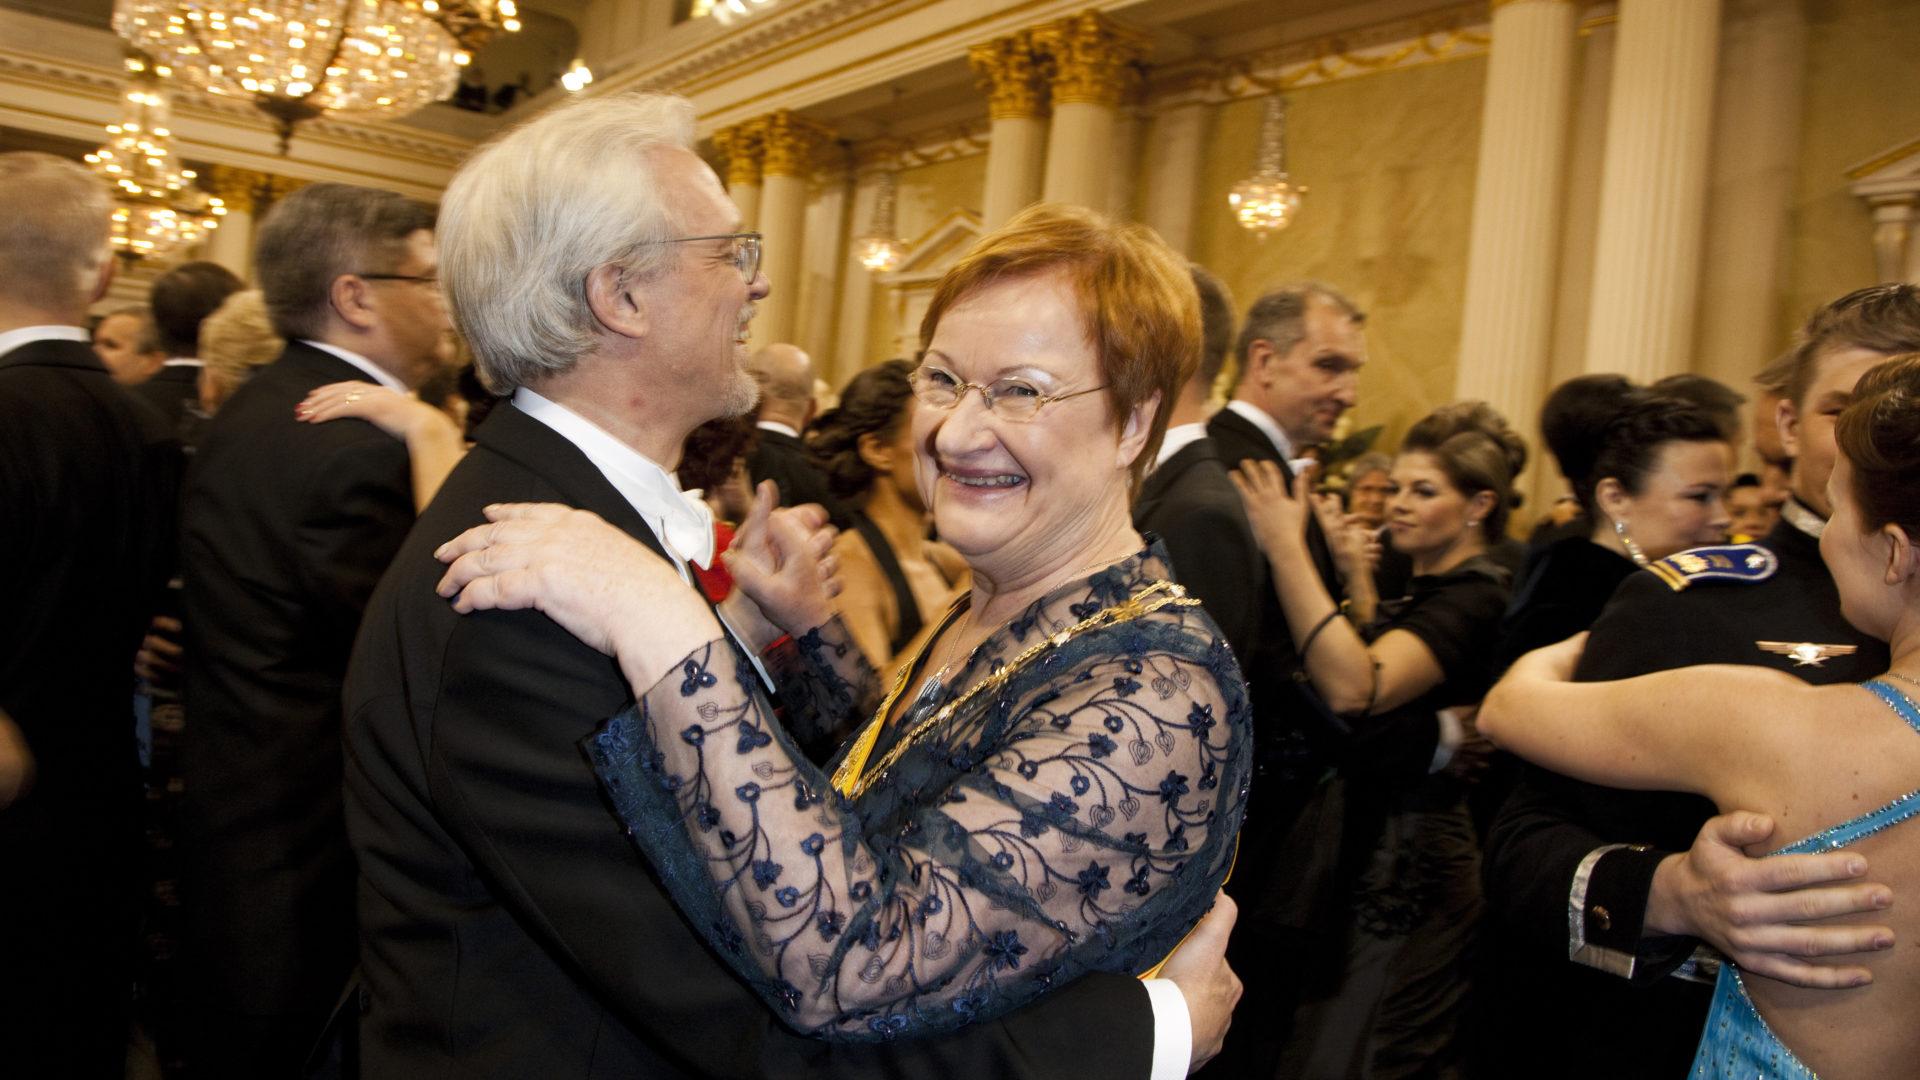 Suomen tasavallan presidentti Tarja Halonen ja puoliso Pentti Arajärvi Linnan juhlissa vuonna 2010. Presidentin puku oli nähty aikaisemmin hänen yllään Ruotsin kruunuprinsessa Victorian häissä.